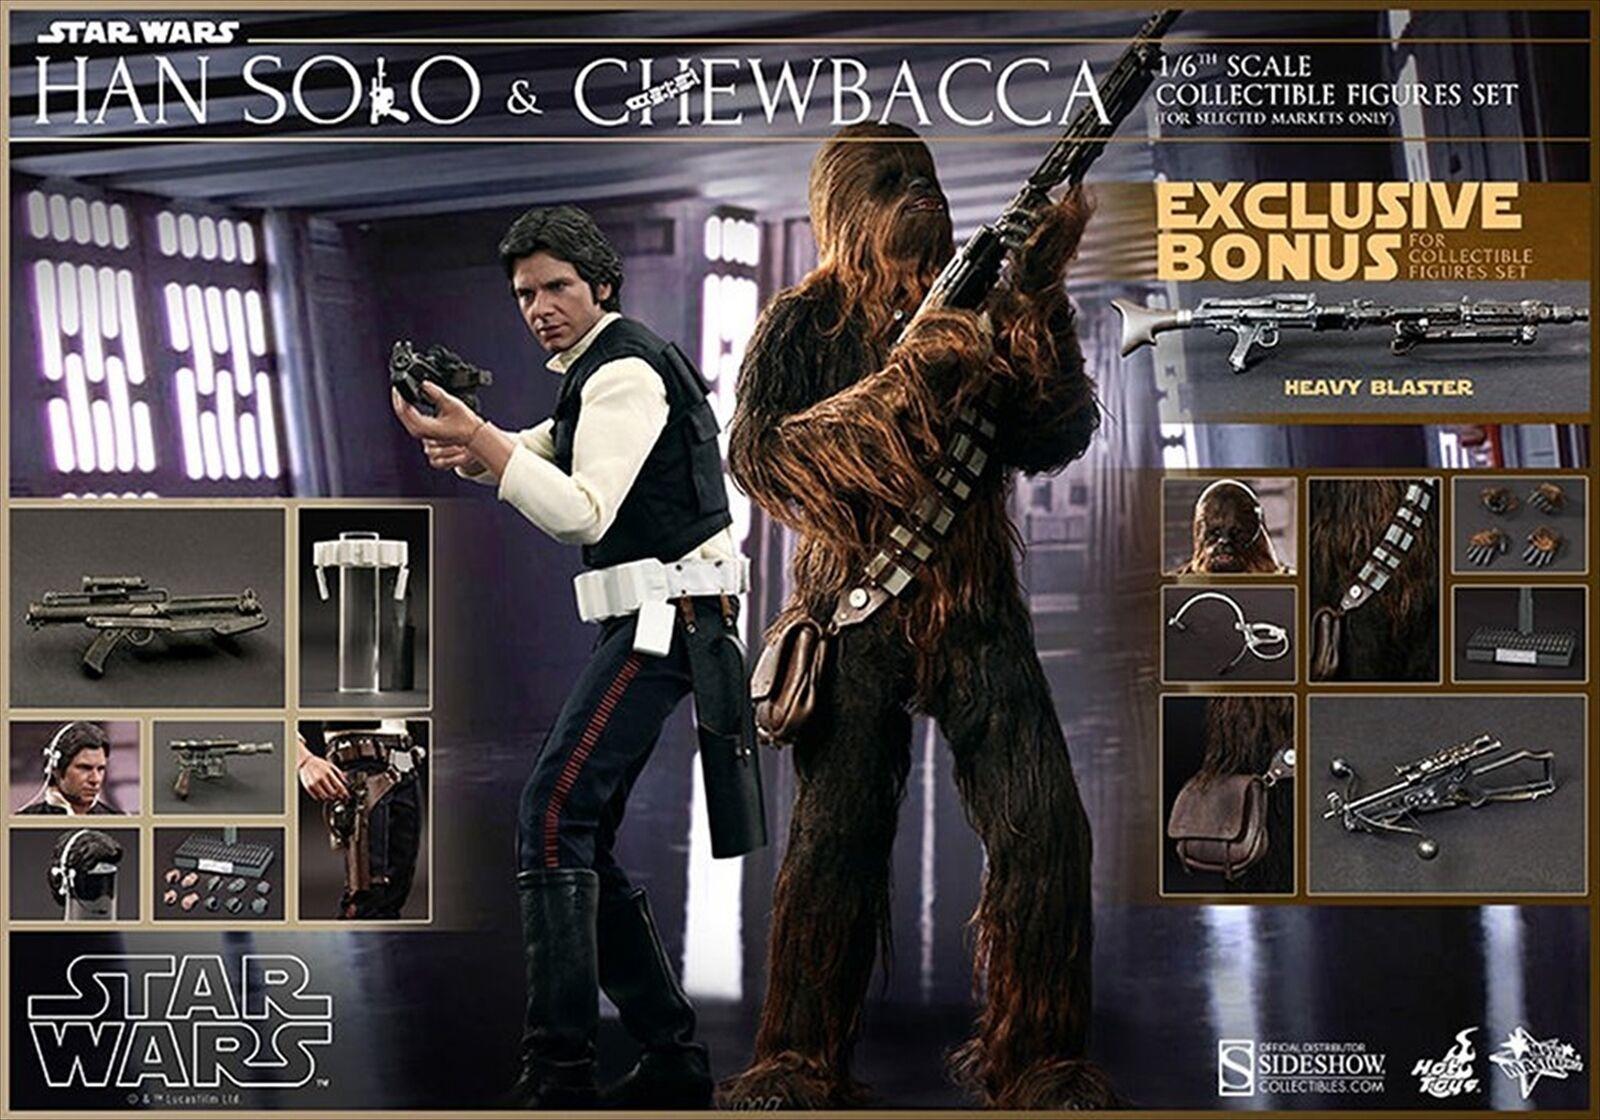 Caliente giocattoli estrella guerras Han Solo e Chewbacca  1 6 Scale cifra Set w  Bonus  a buon mercato